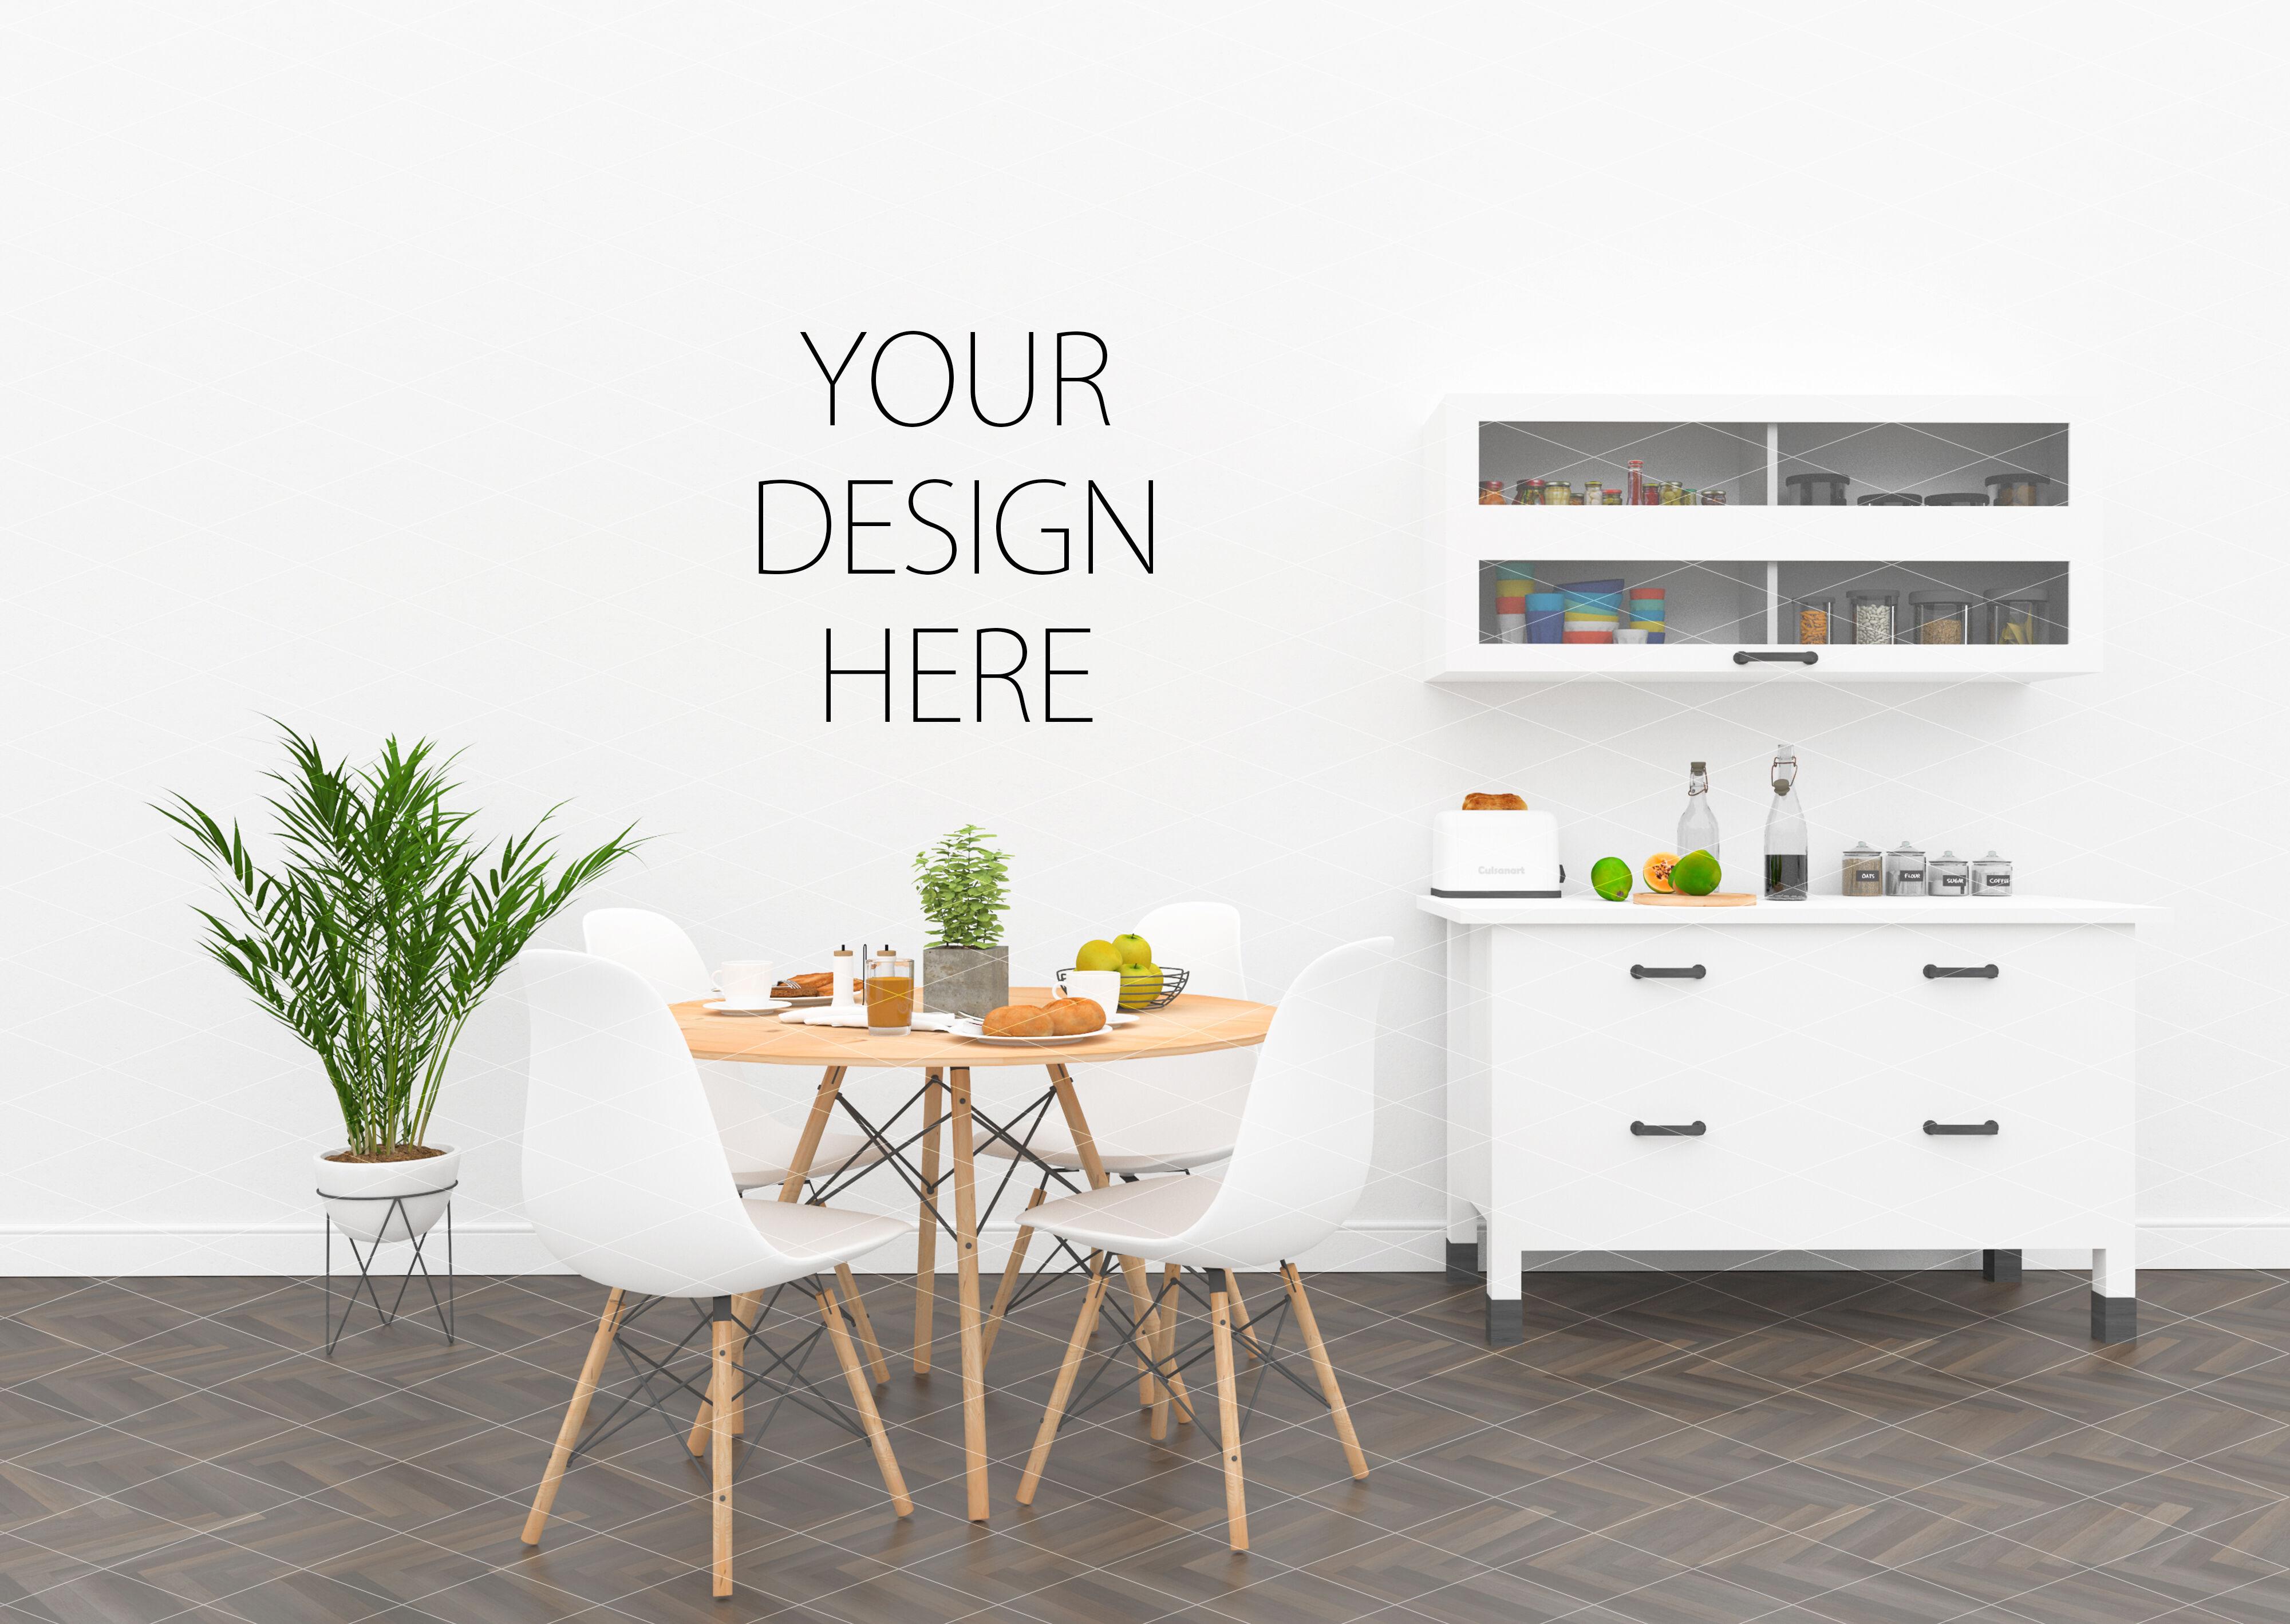 Kitchen Interior Mockup Artwork Background By Hunny Badger